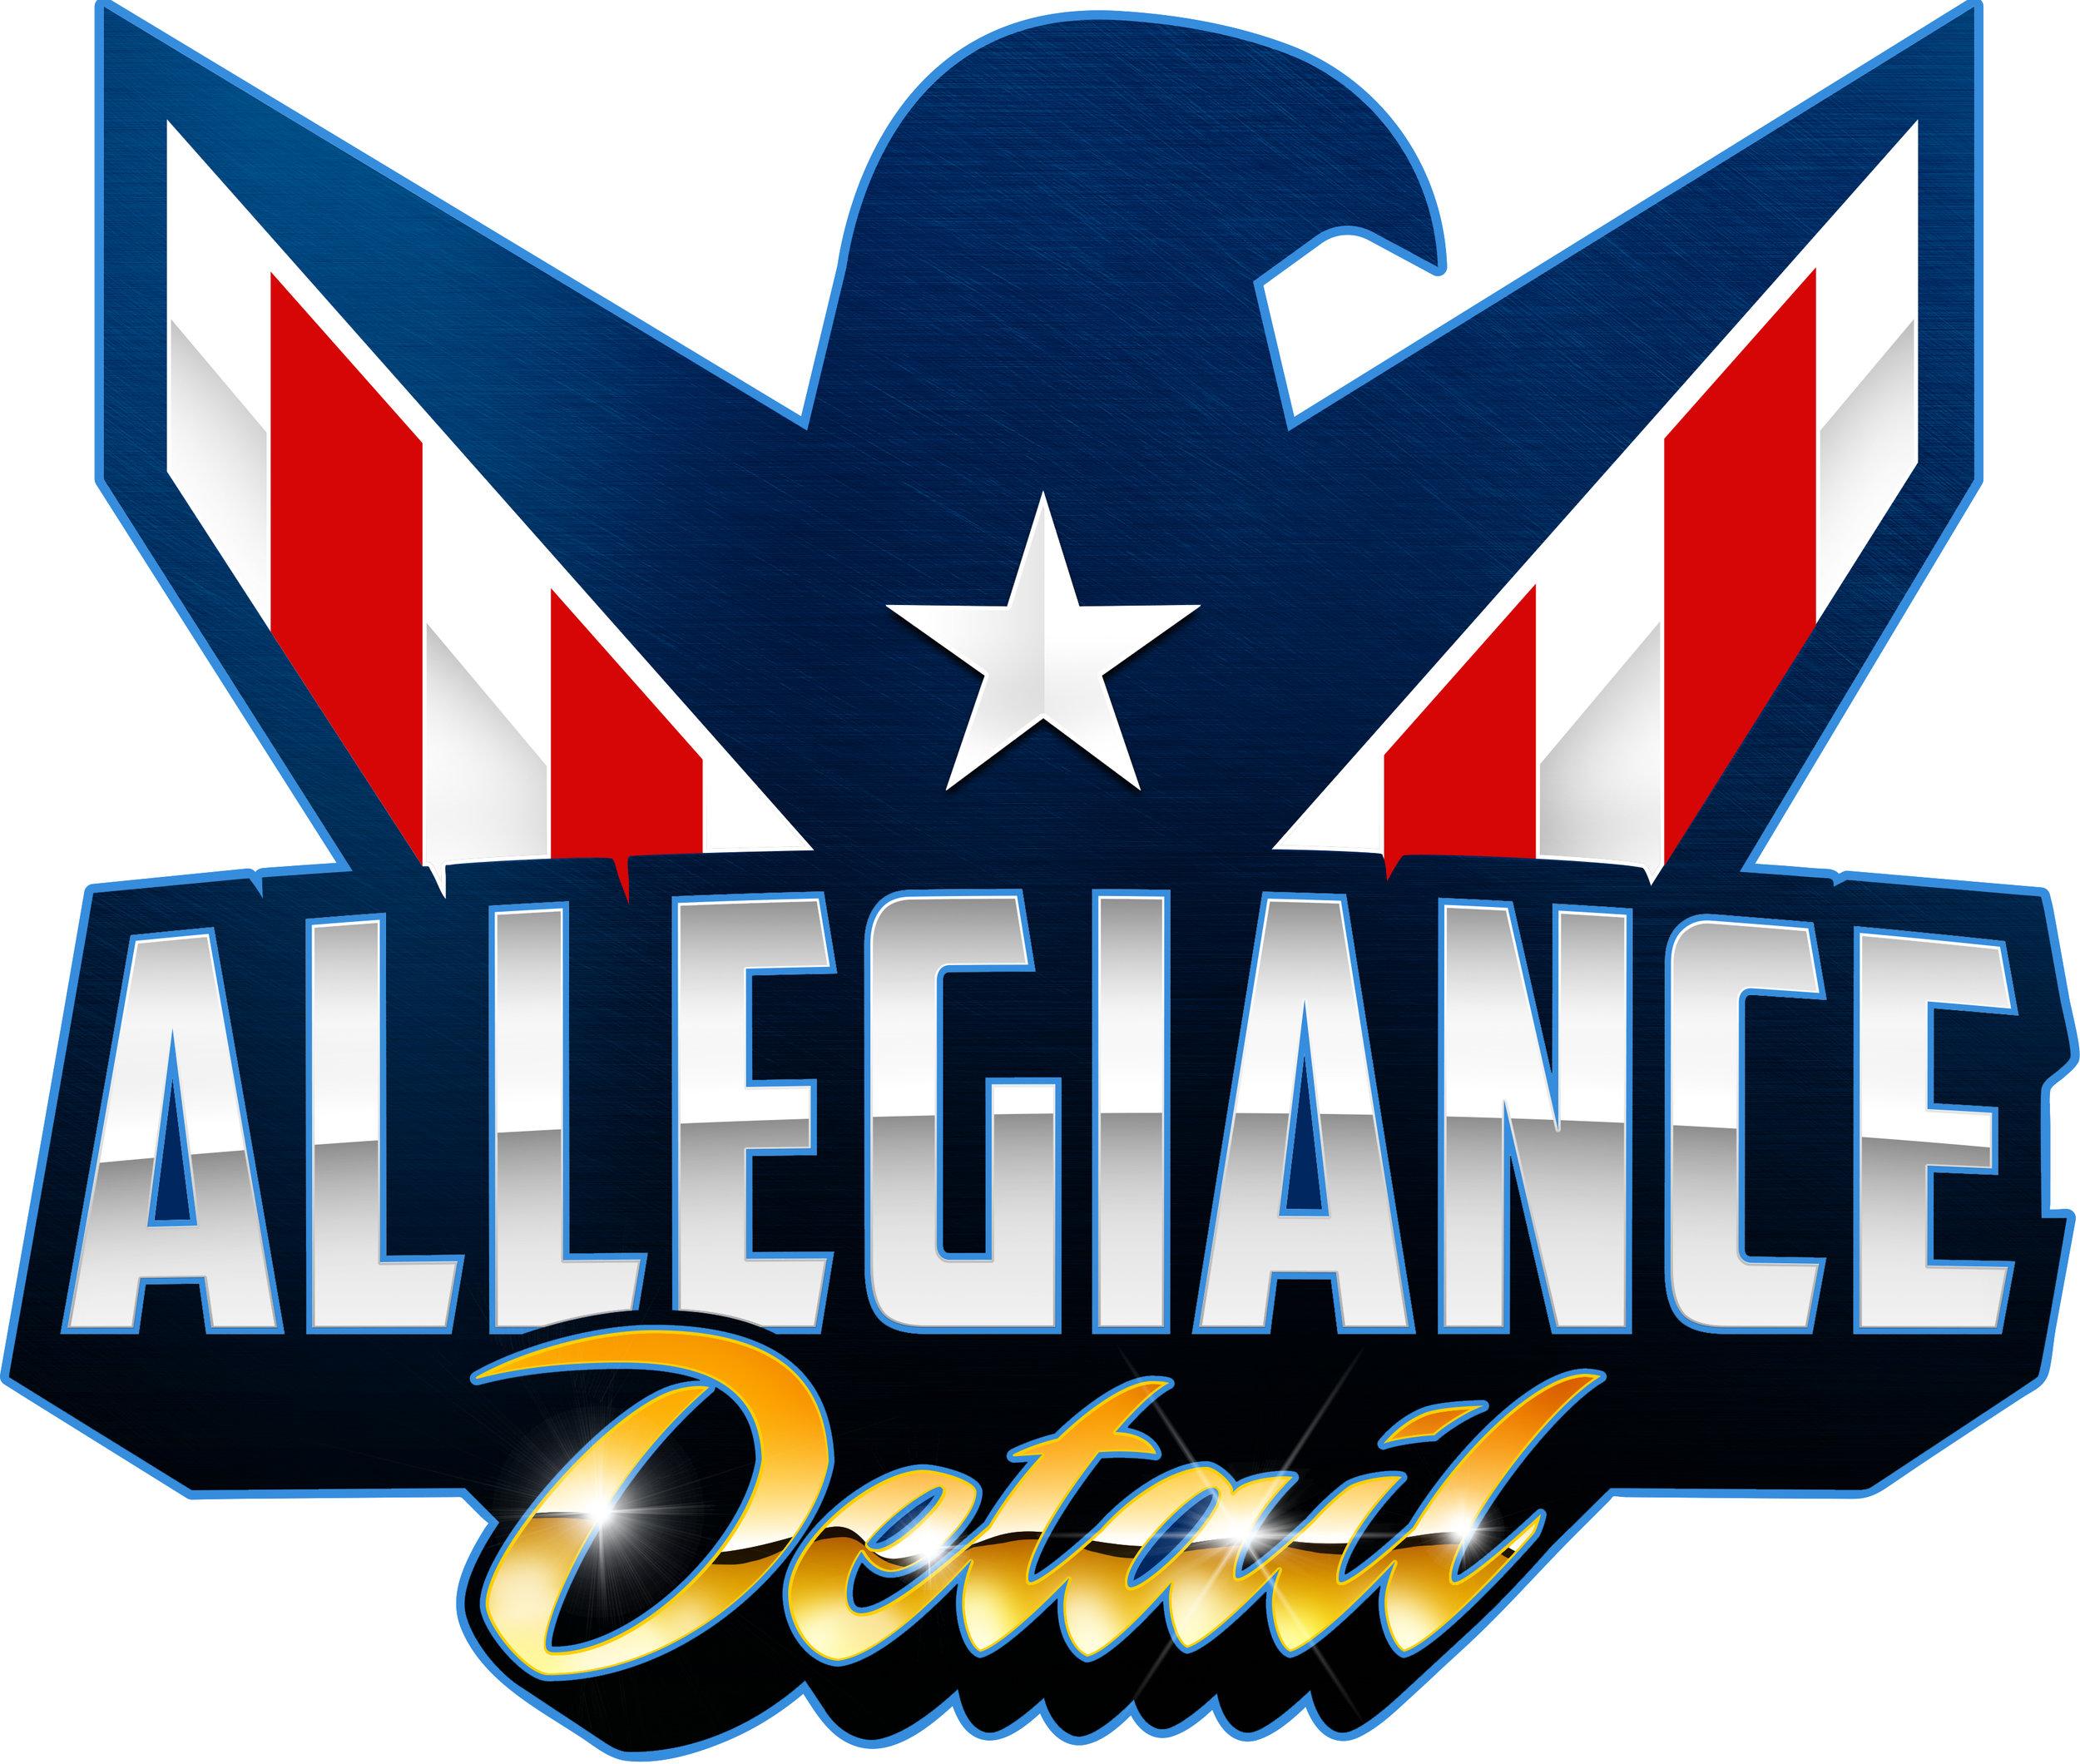 AllegianceDetail-HiRes.jpg